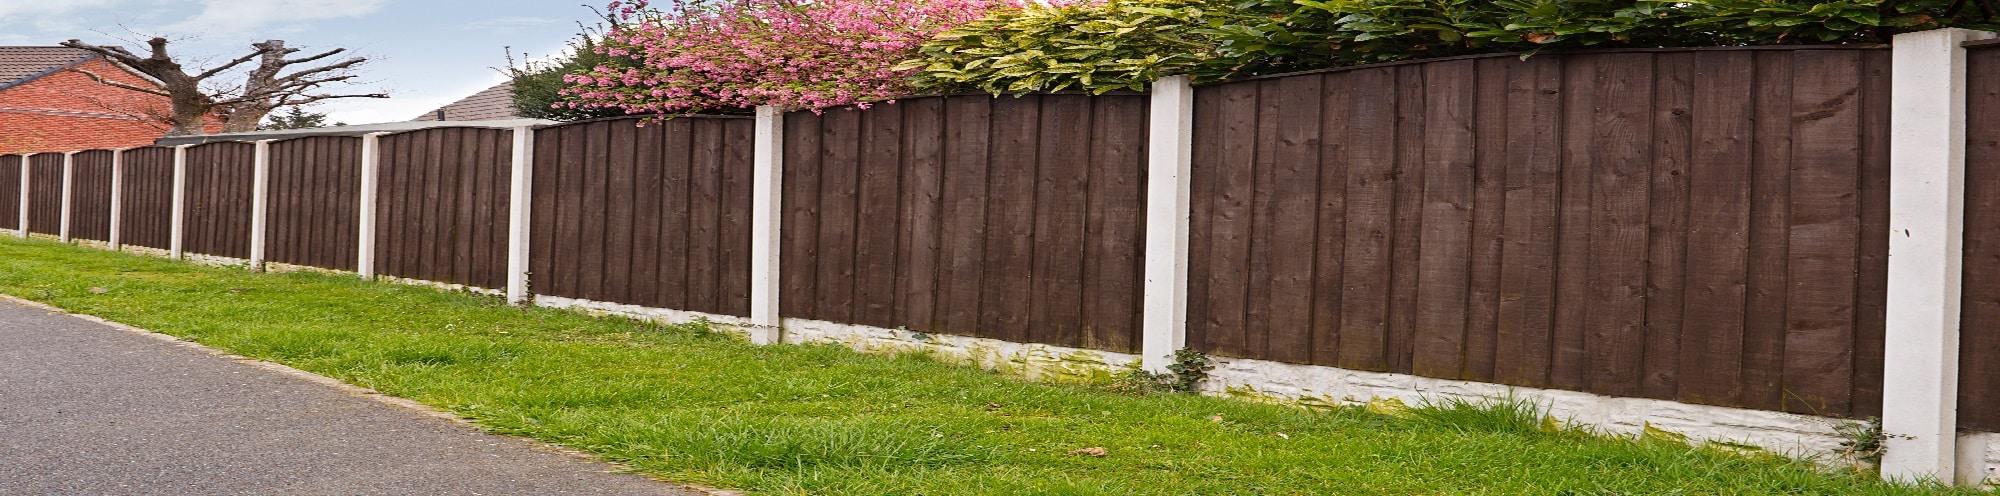 Wood Fences - Big Easy Iron Works